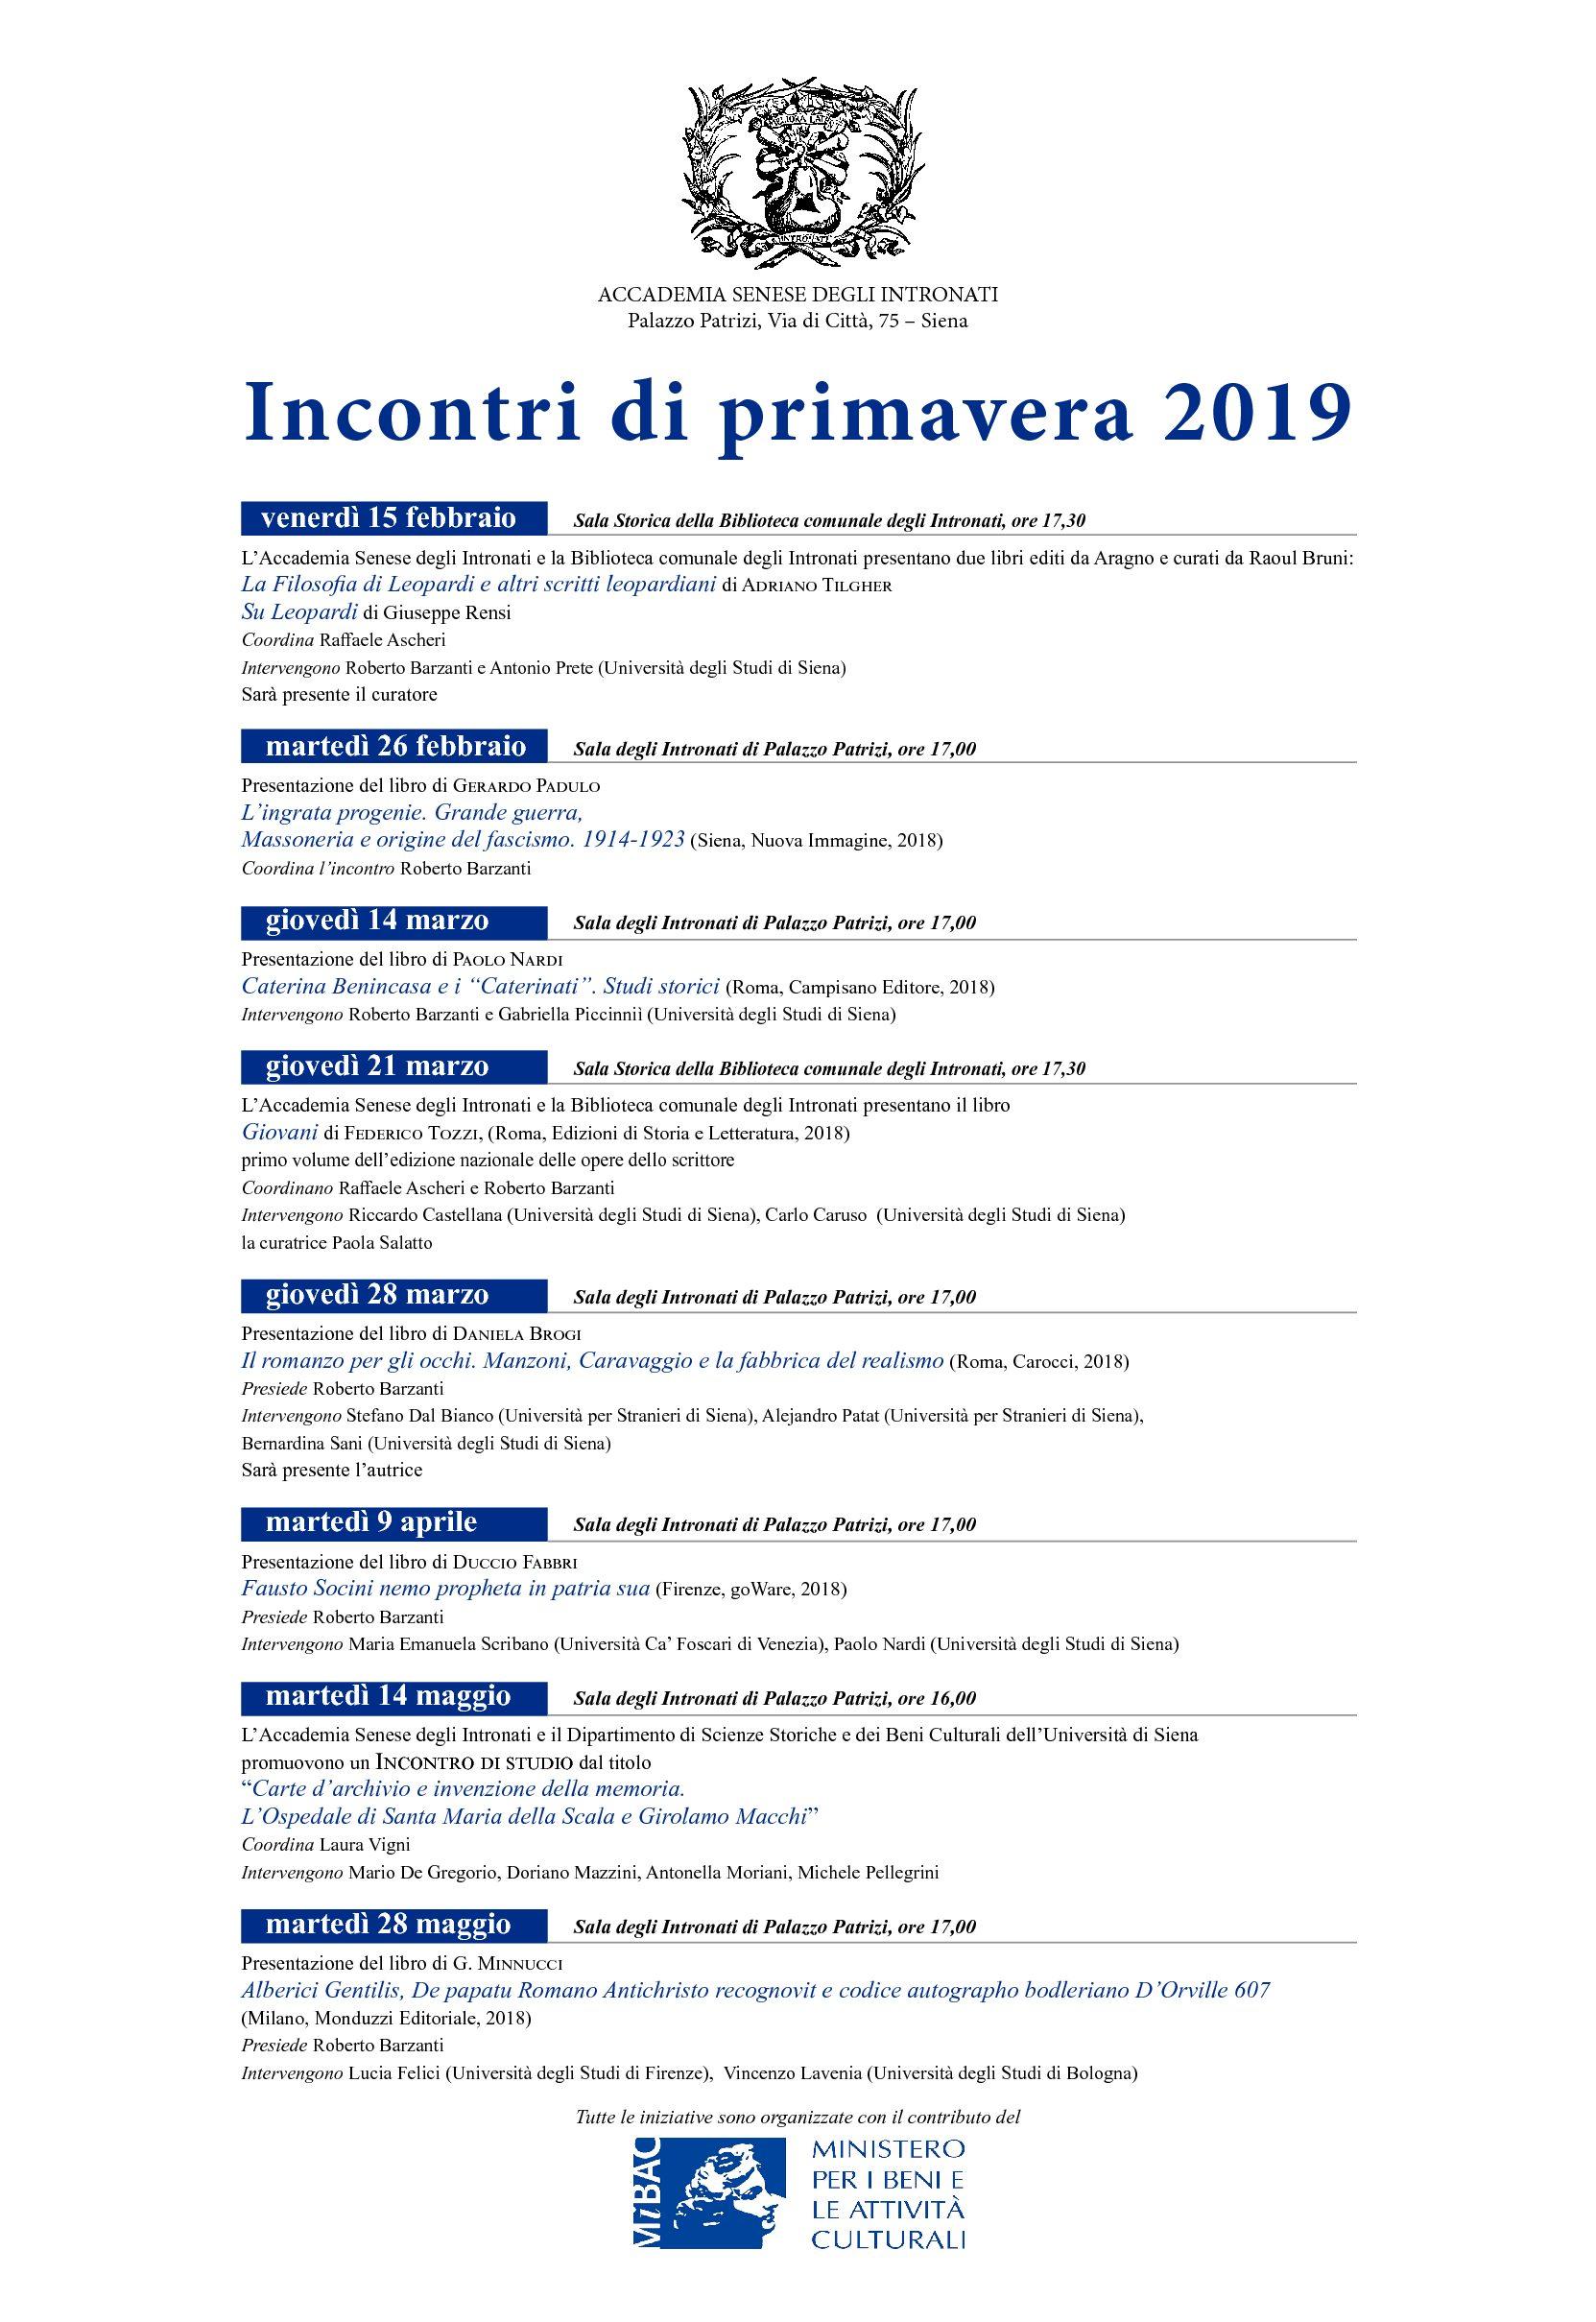 Programma degli incontri di primavera 2019